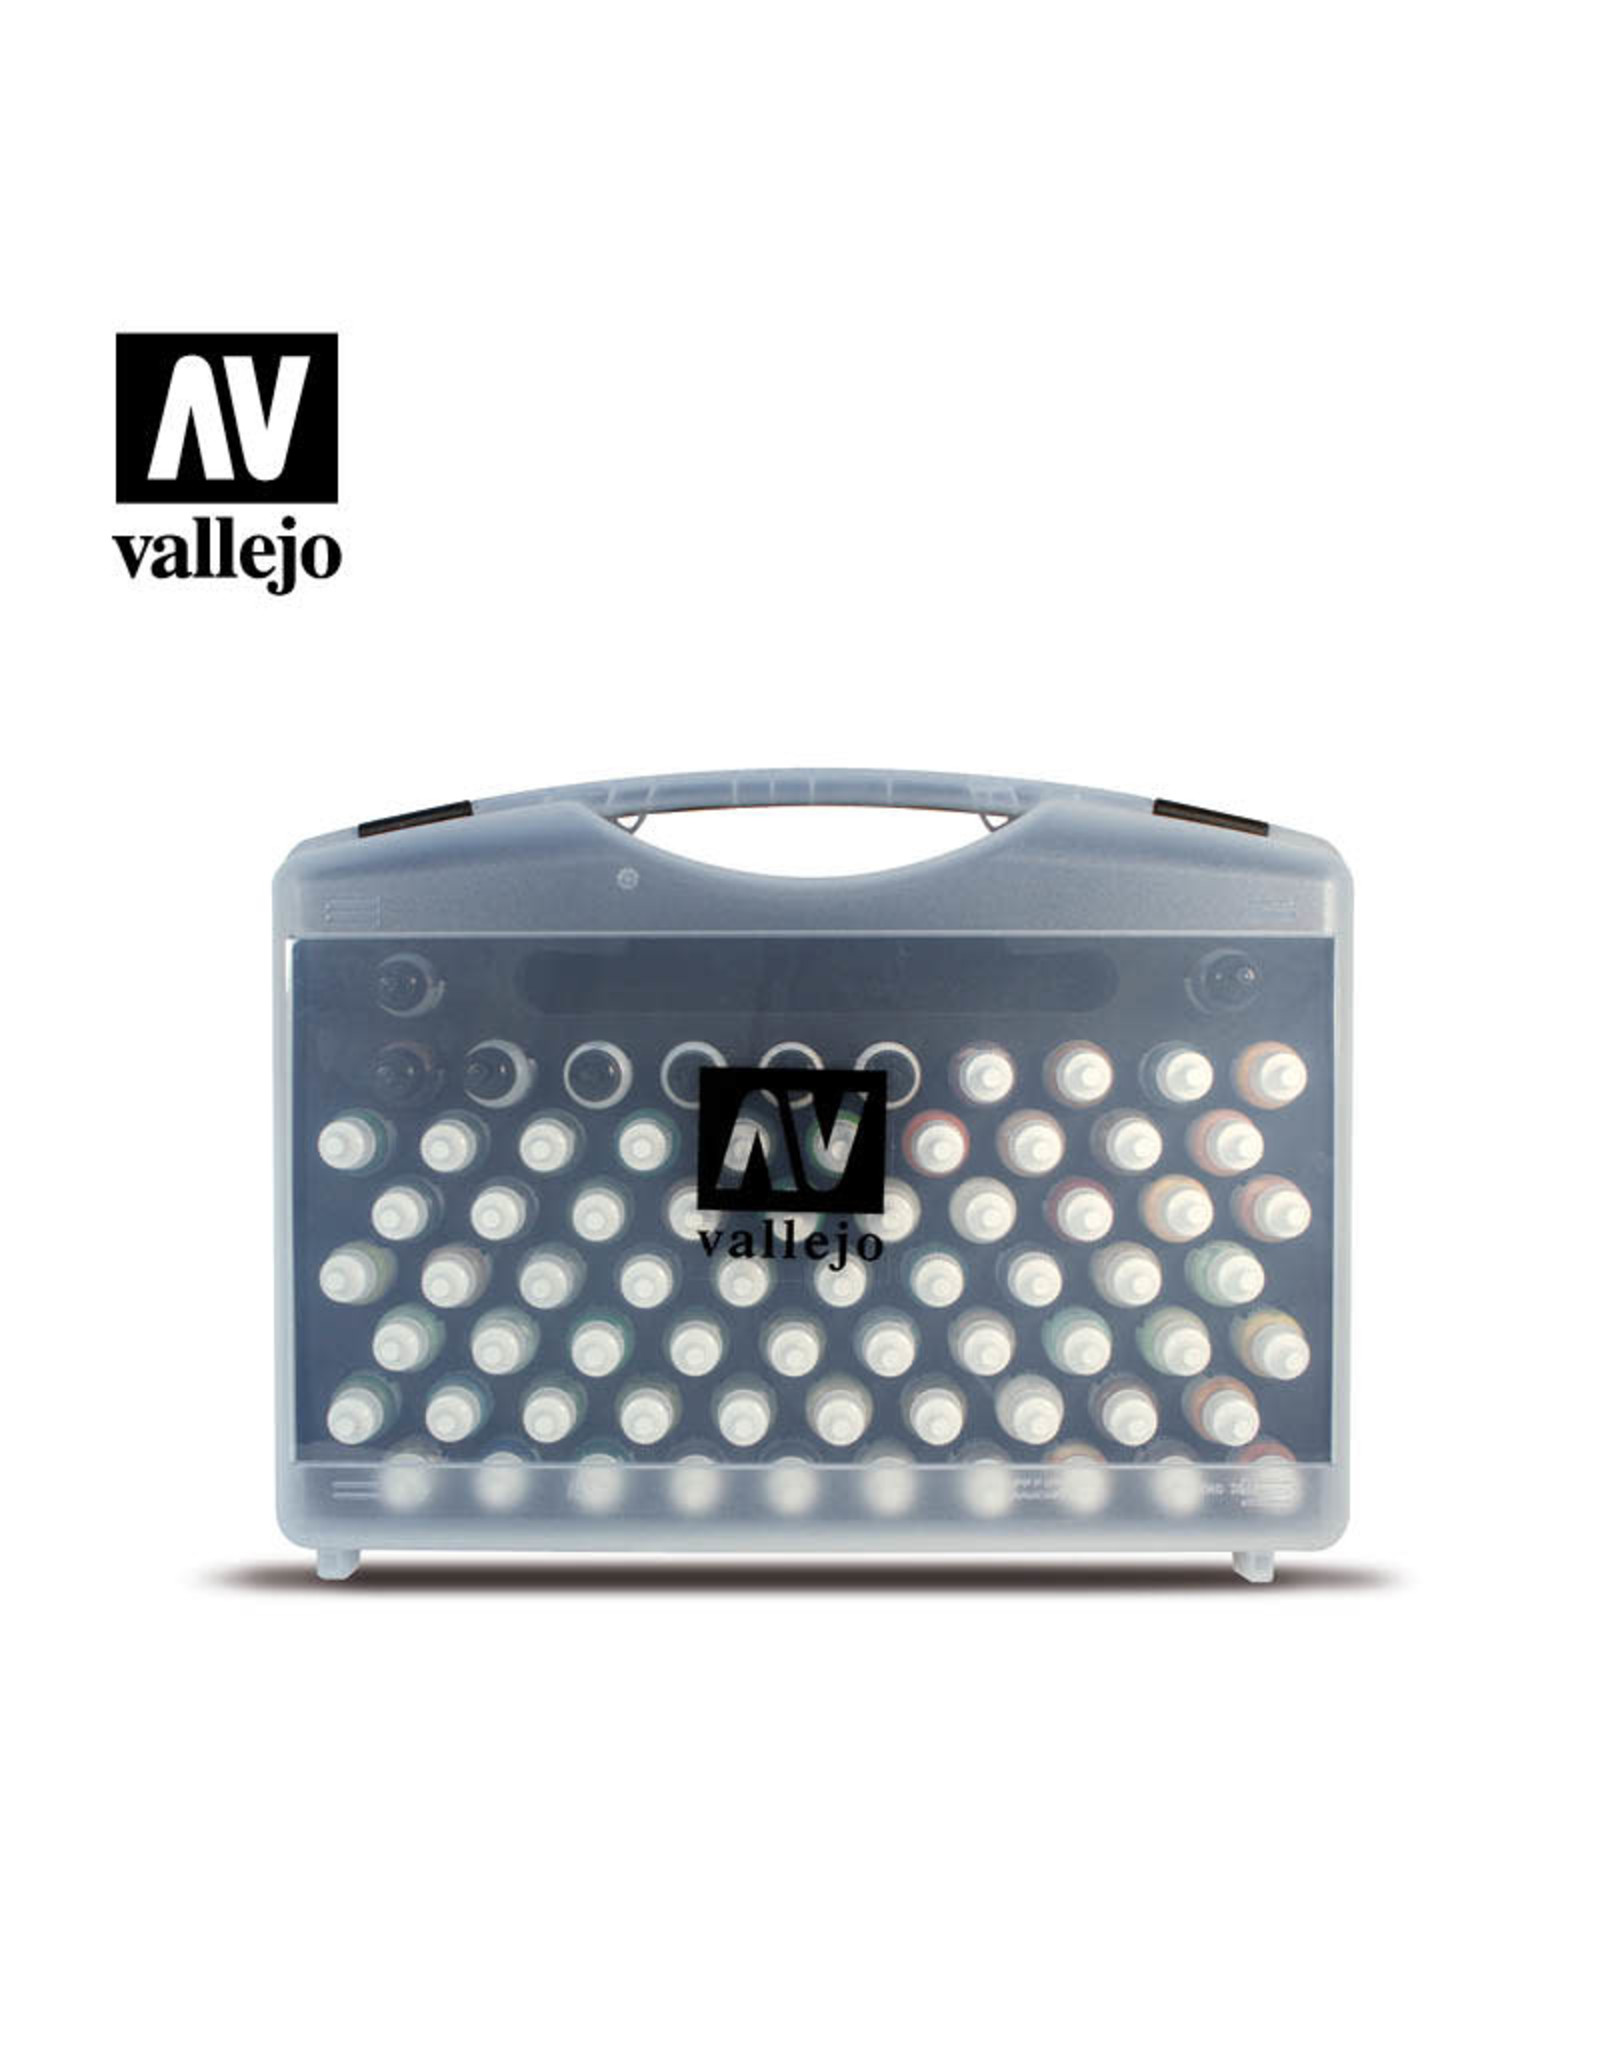 vallejo VALLEJO BASIC COLOUR 72 PC PAINT SET